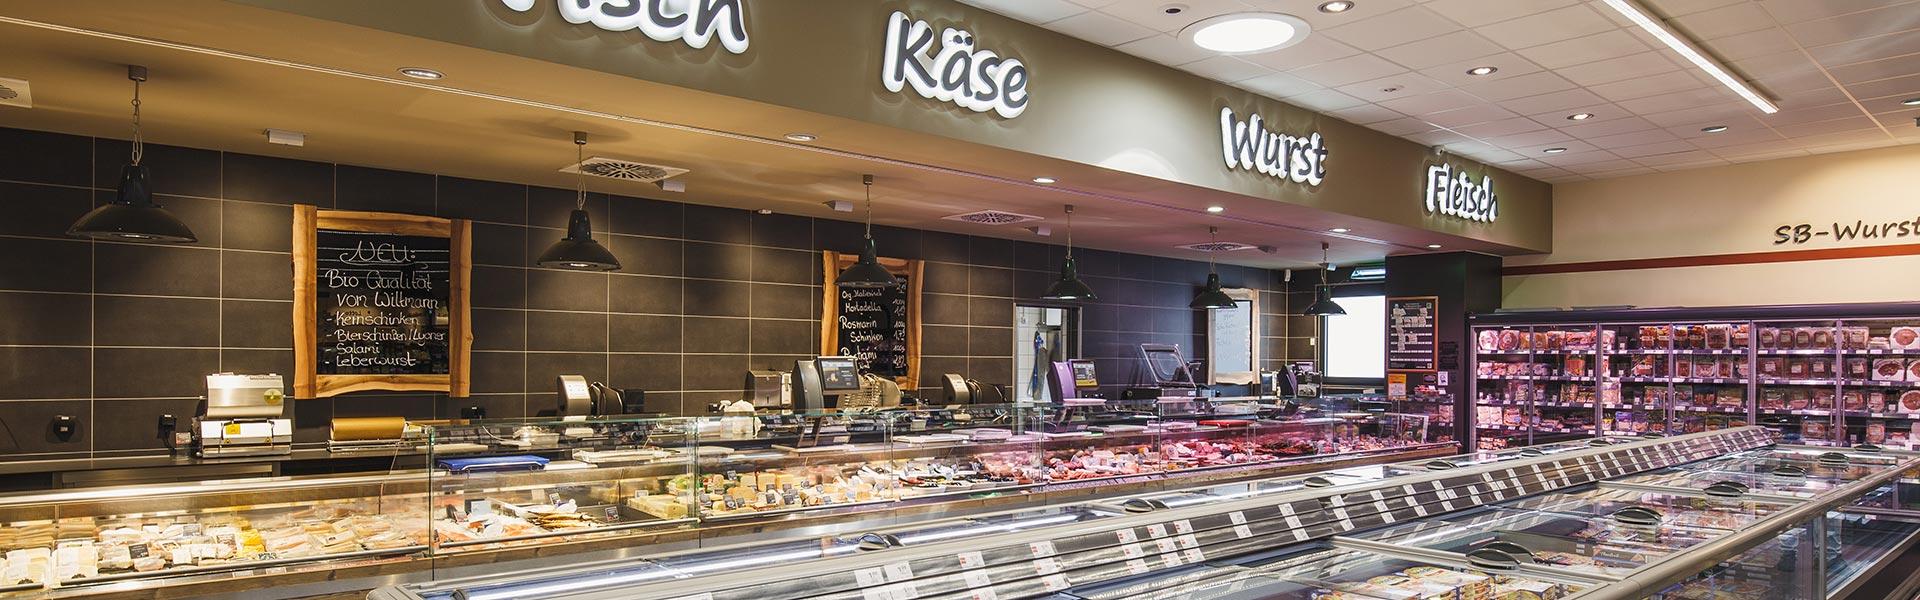 Fleisch, Wurst, Käse und Fisch an der Frischetheke